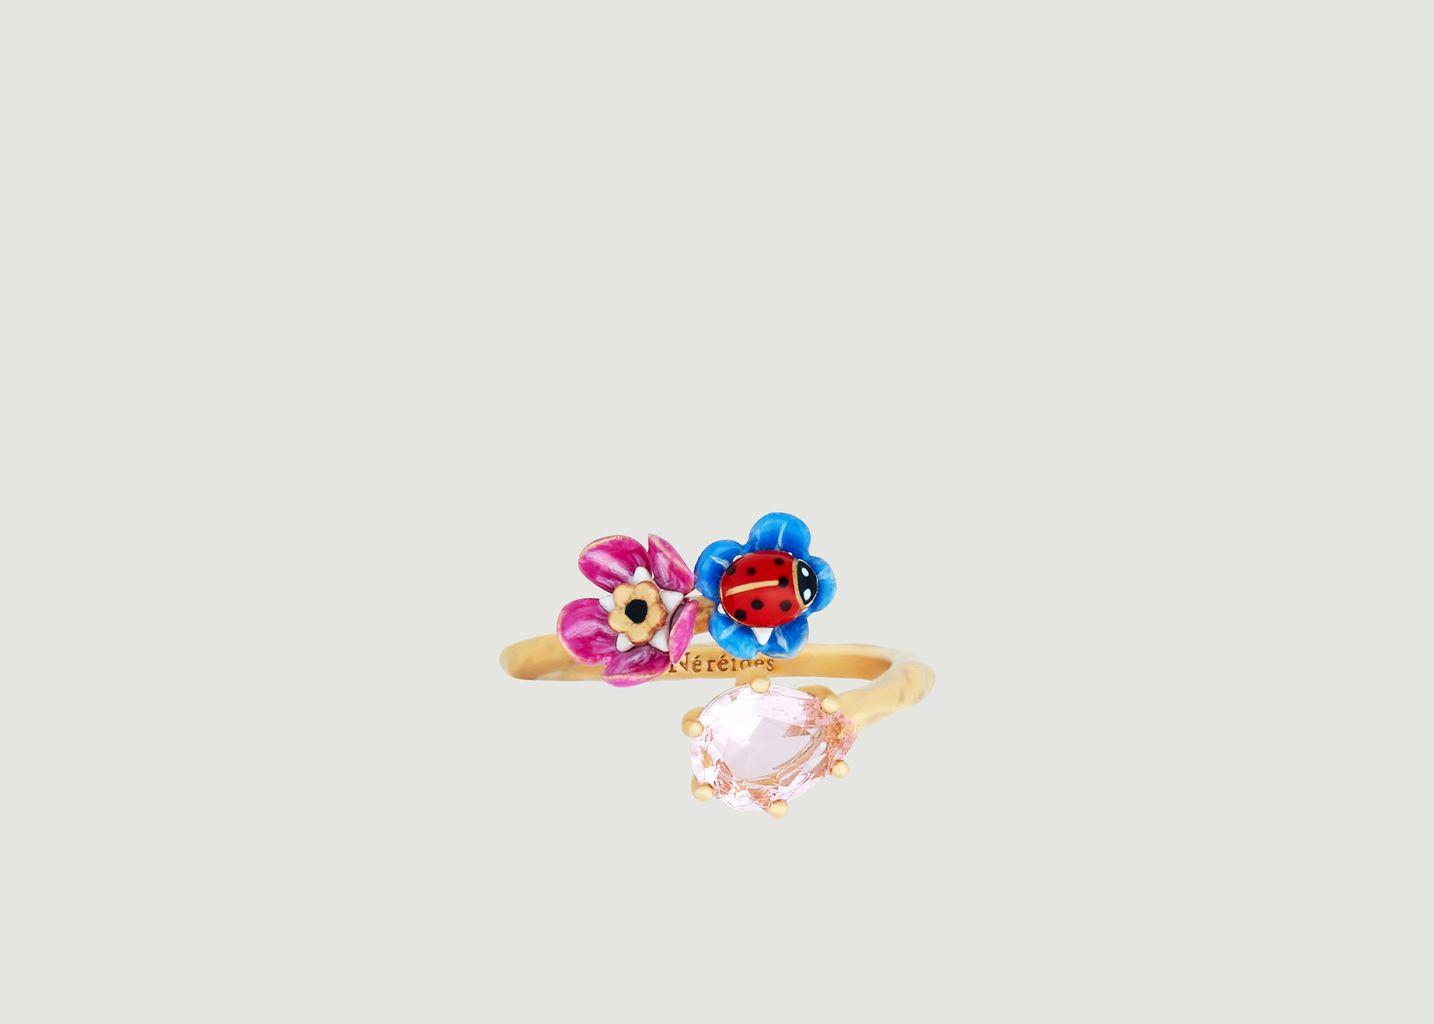 Bague ajustable Beautés Miniatures - Les Néréides